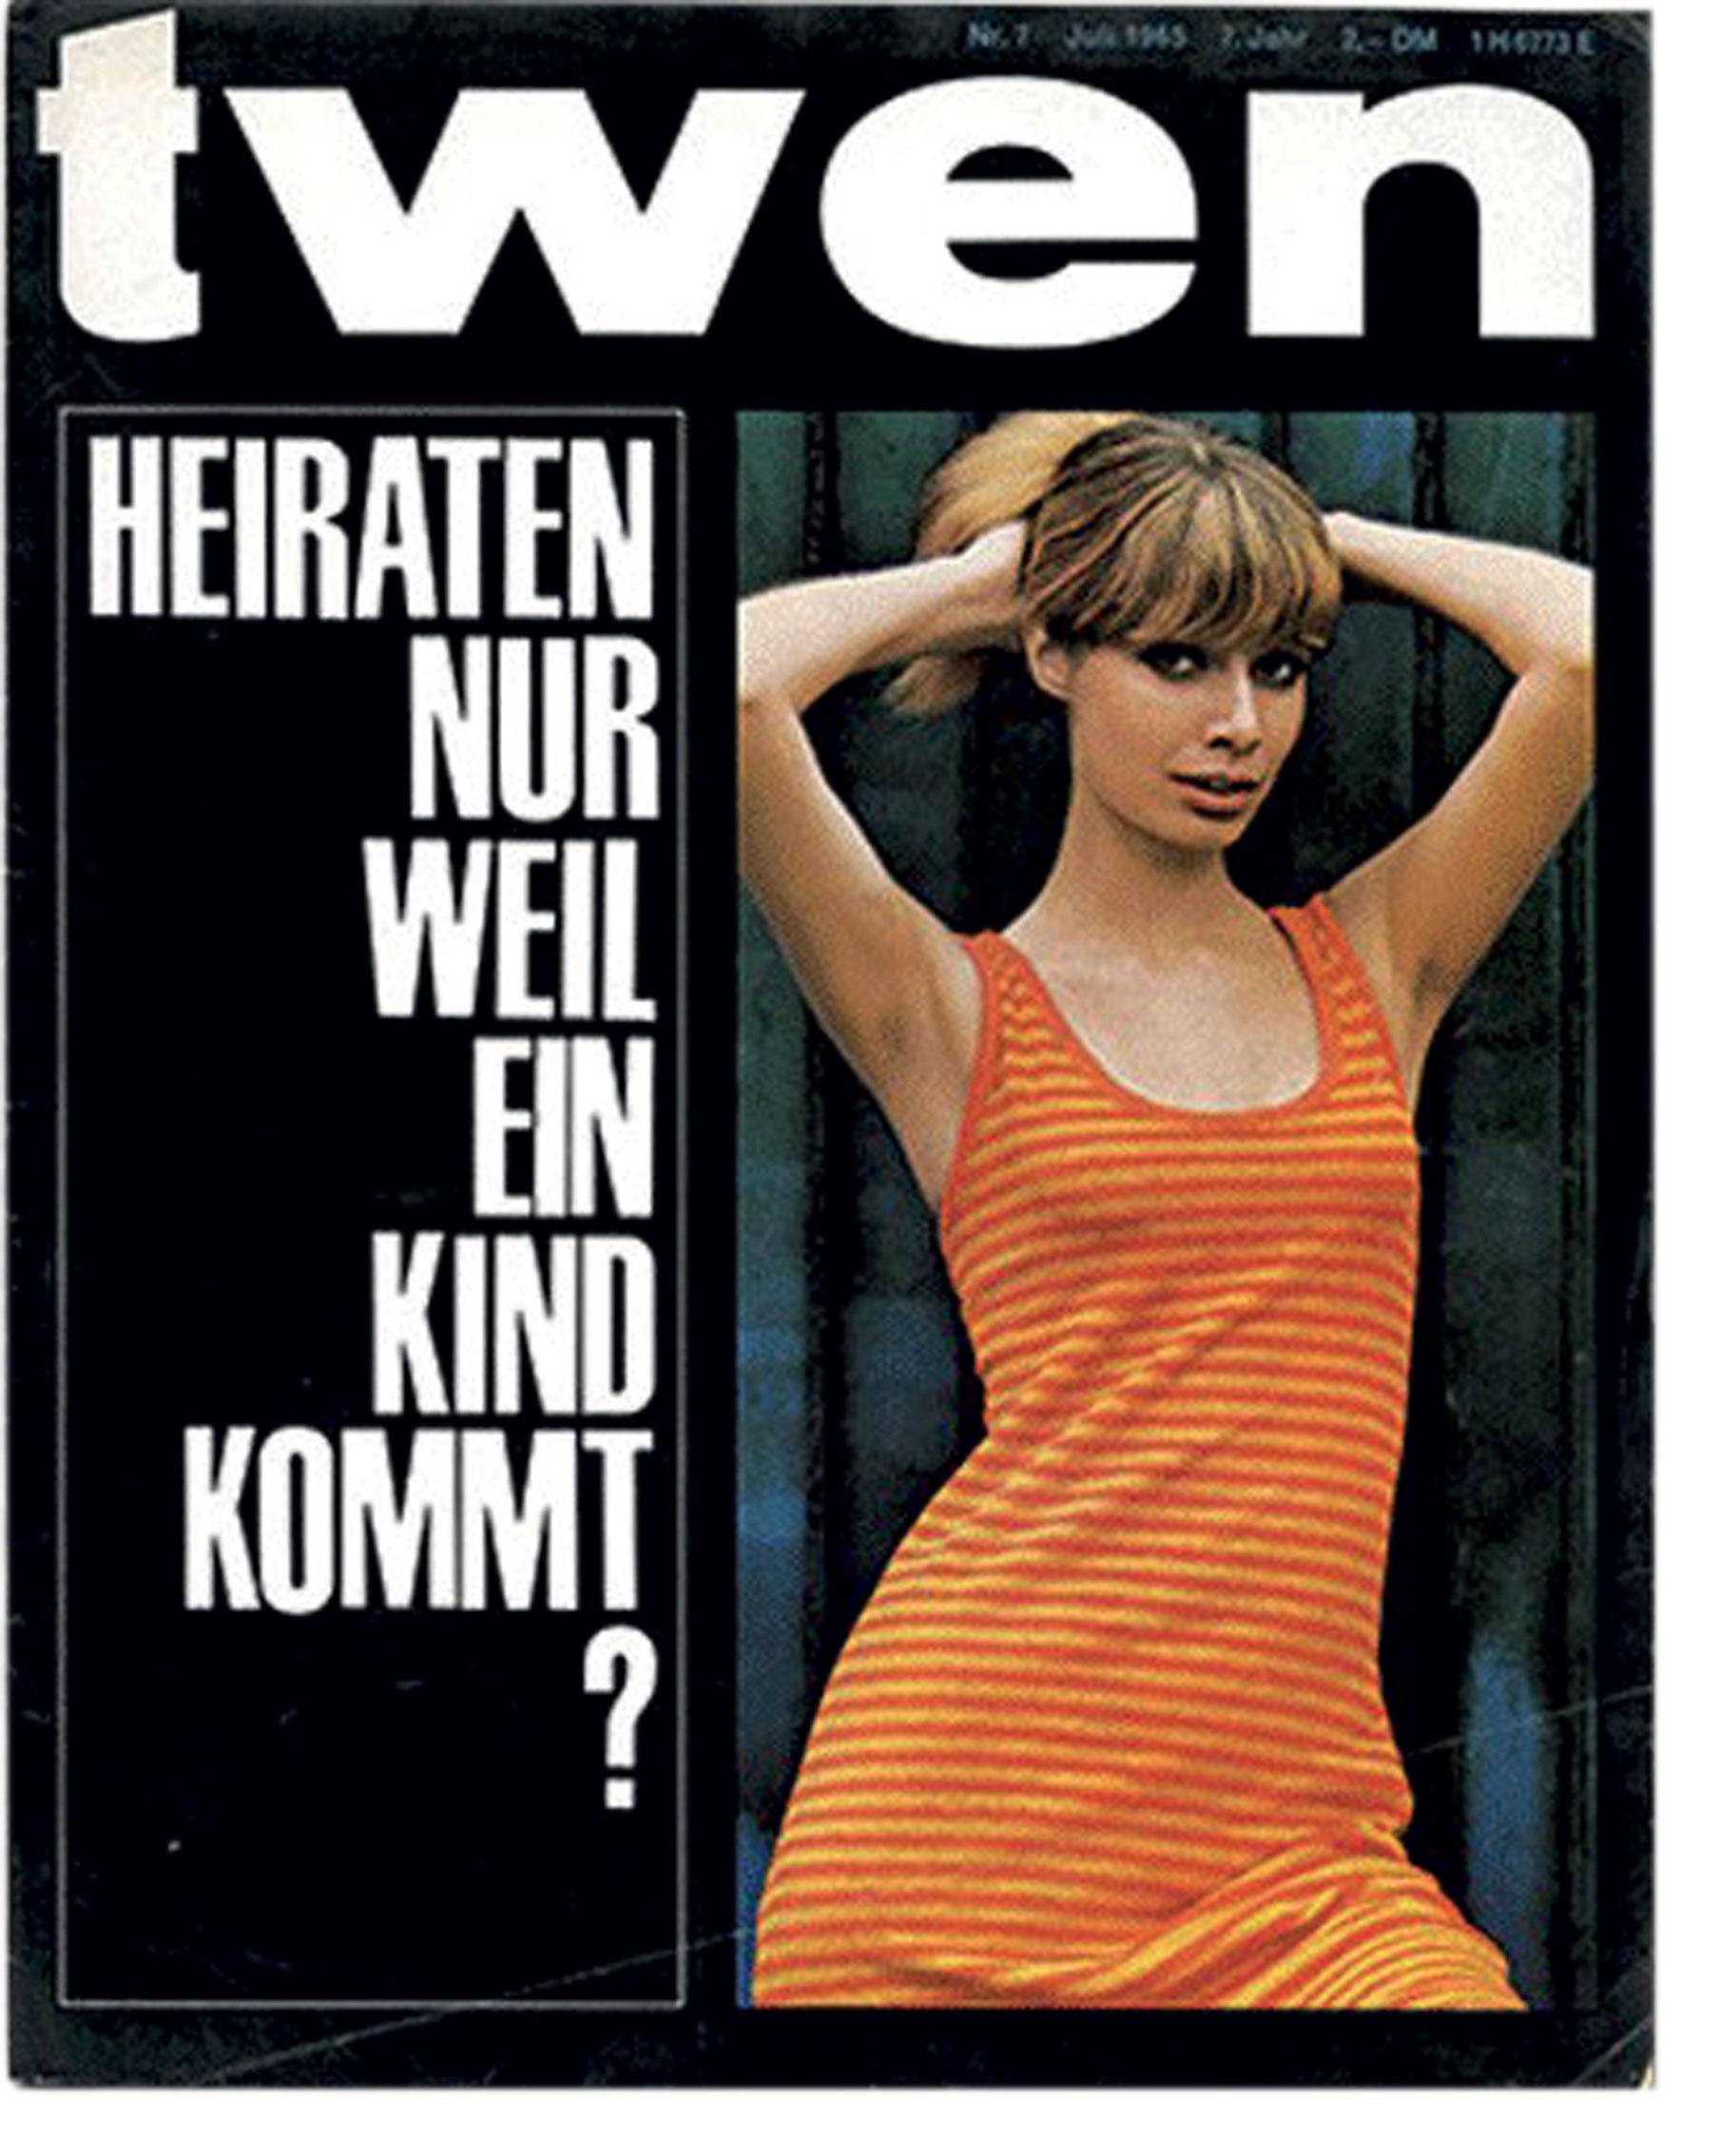 Copertina rivista Twen Italo Lupi